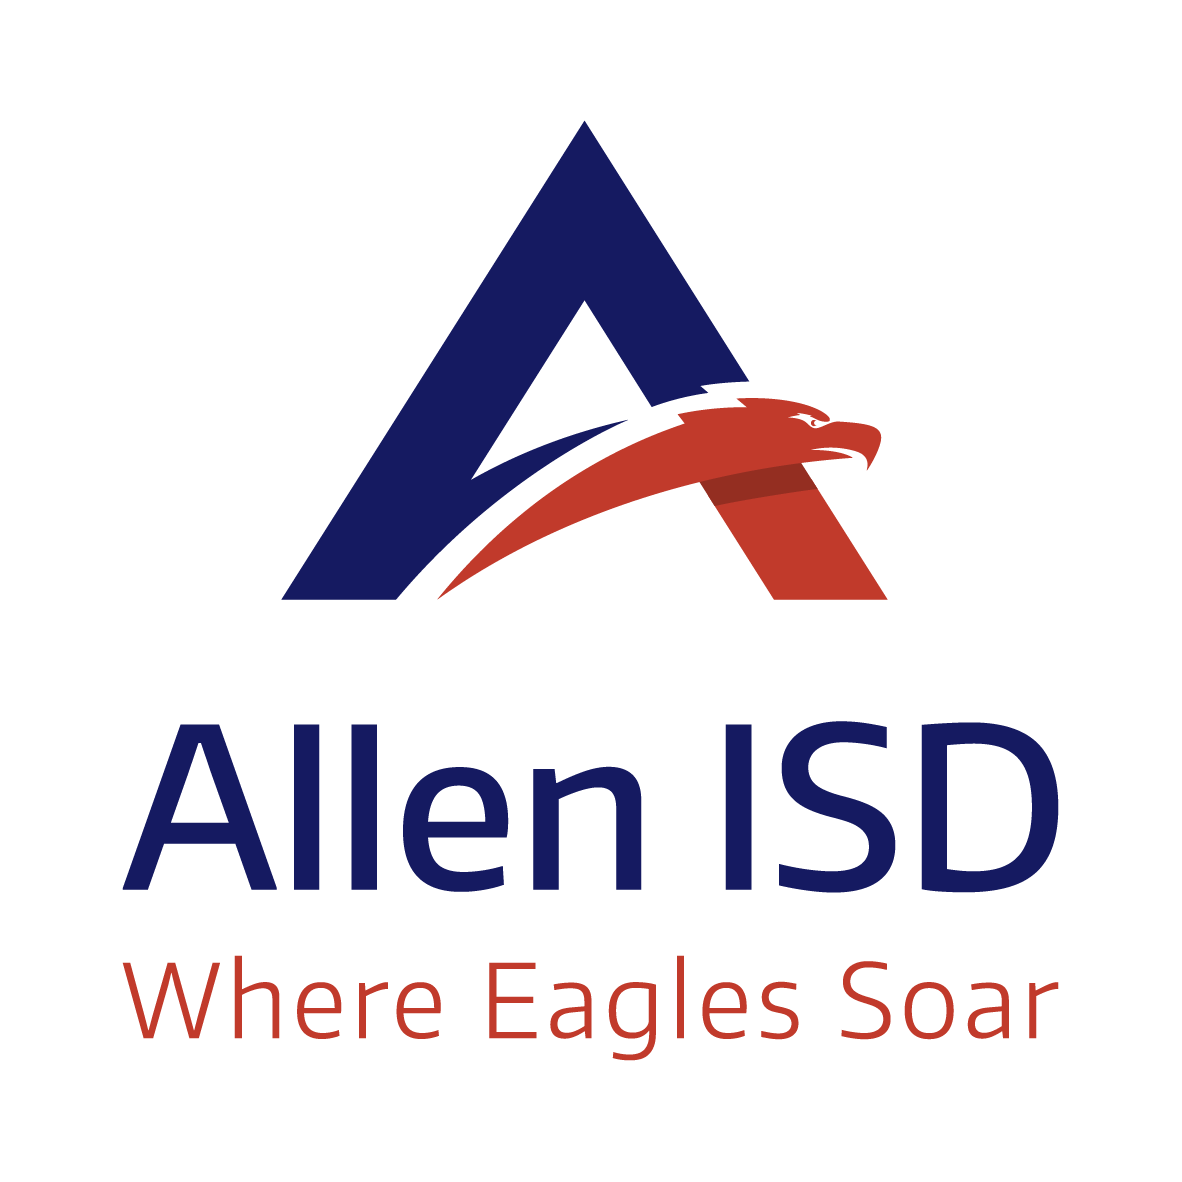 Allen ISD